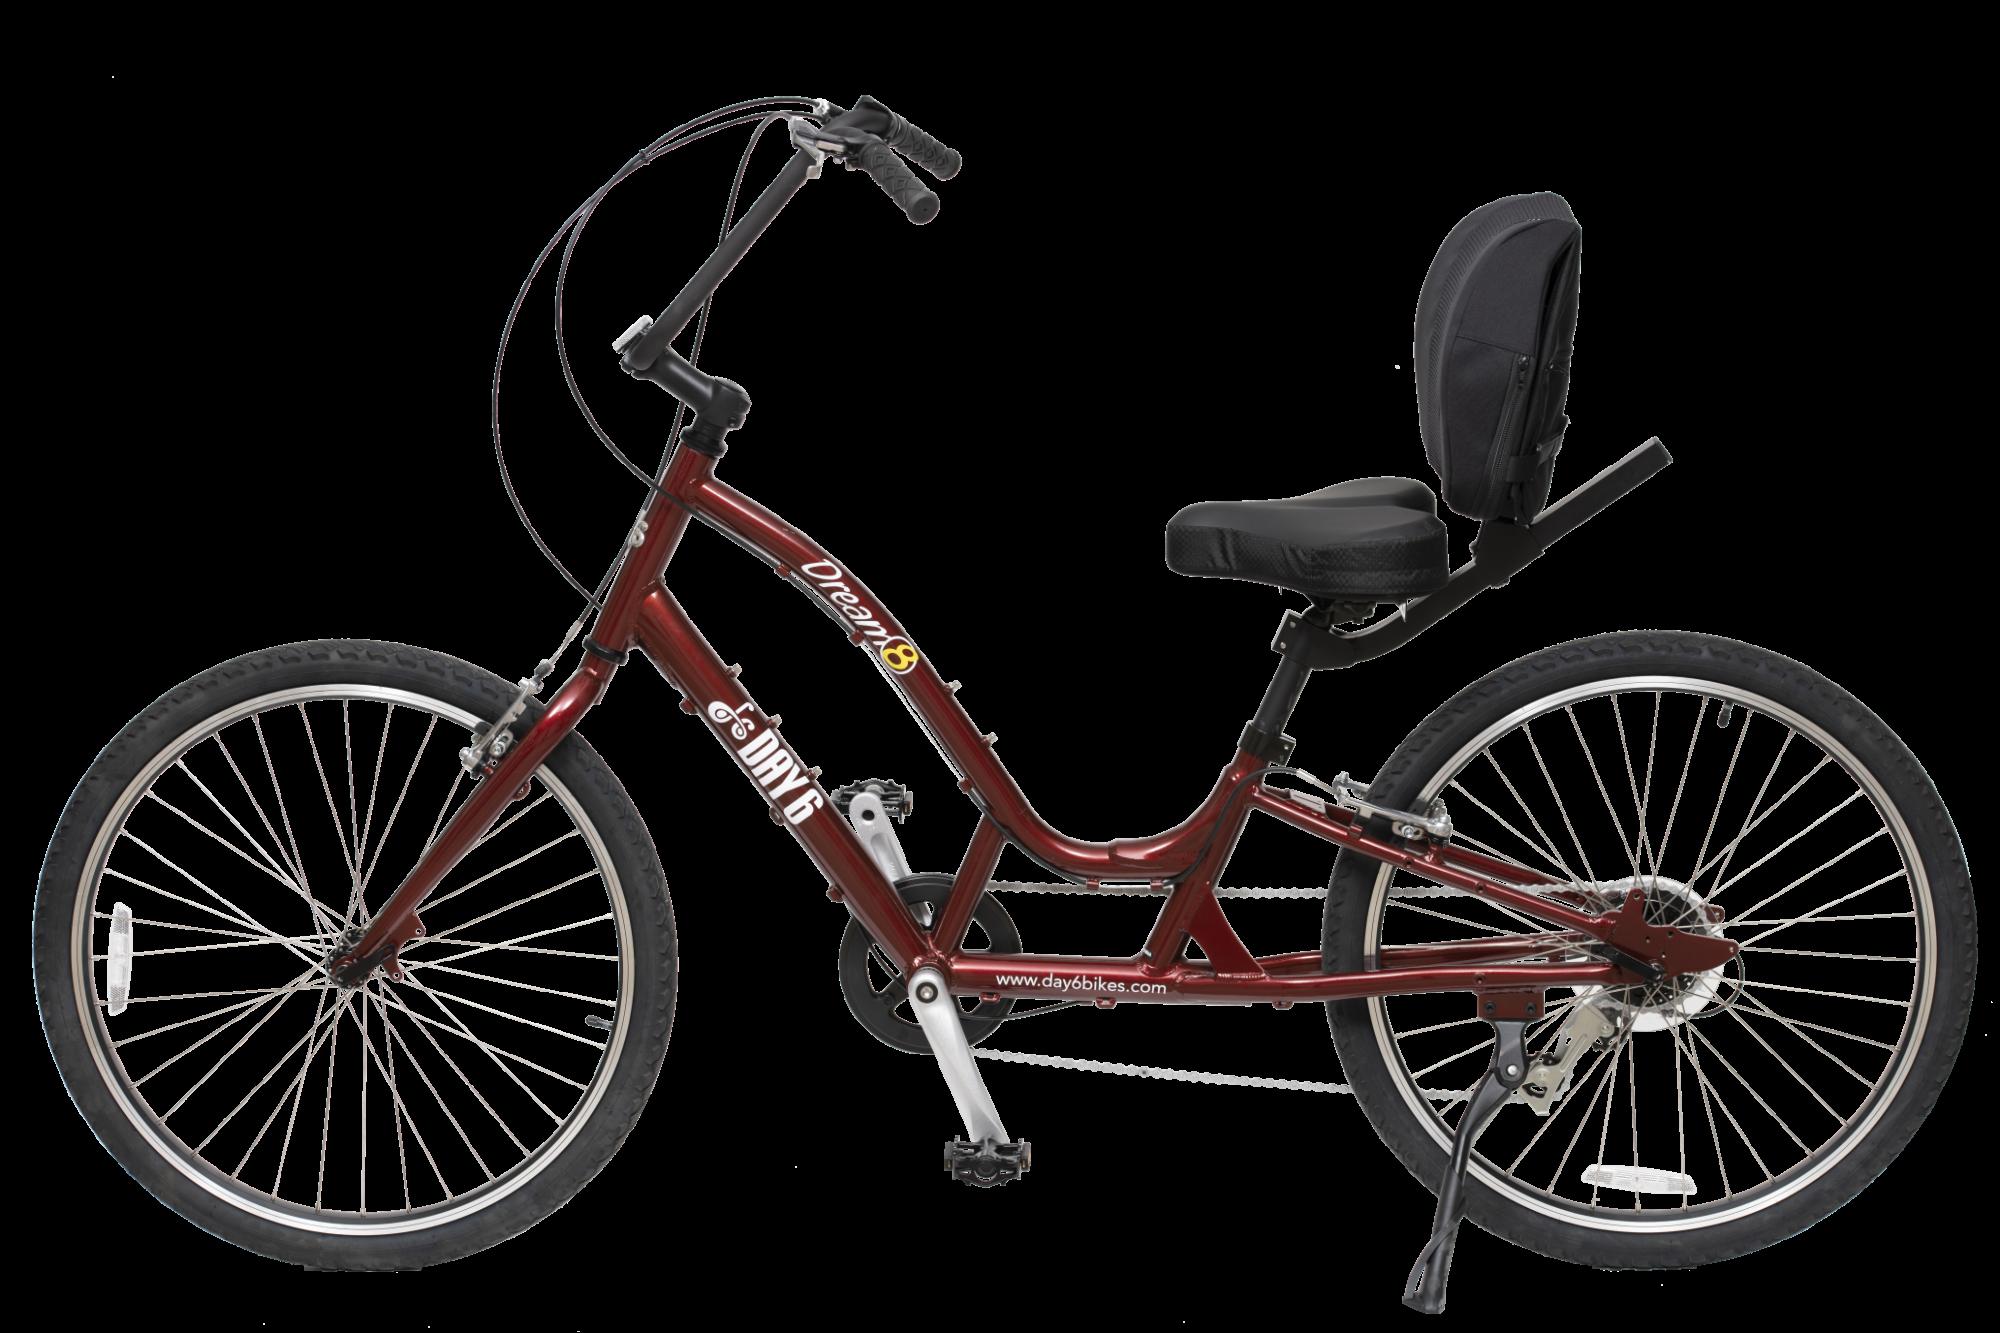 Dream8/Small/Cinnamon/Sport Seat